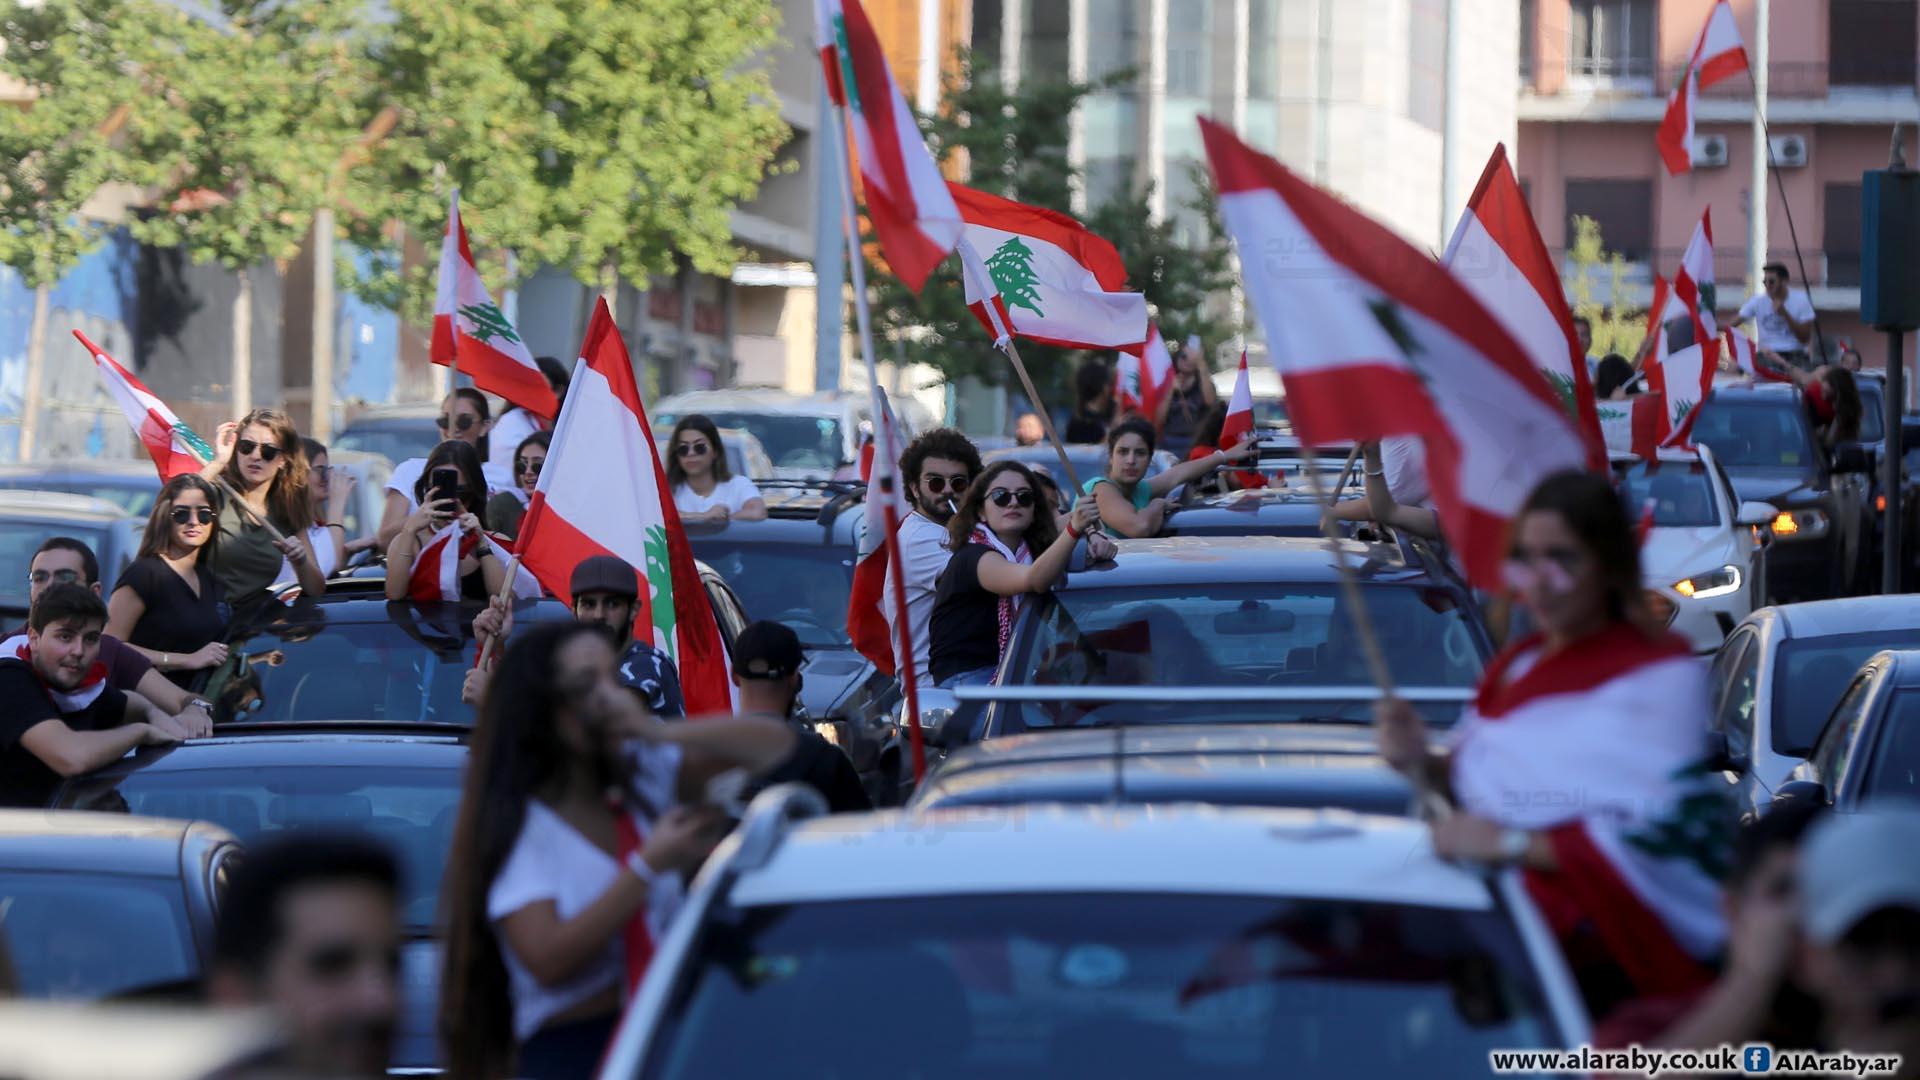 بلطجة السلطة والأحزاب ضدّ الصحافيين اللبنانيين: تنمّر وتهديدات وأذية لا تستثني عائلاتهم